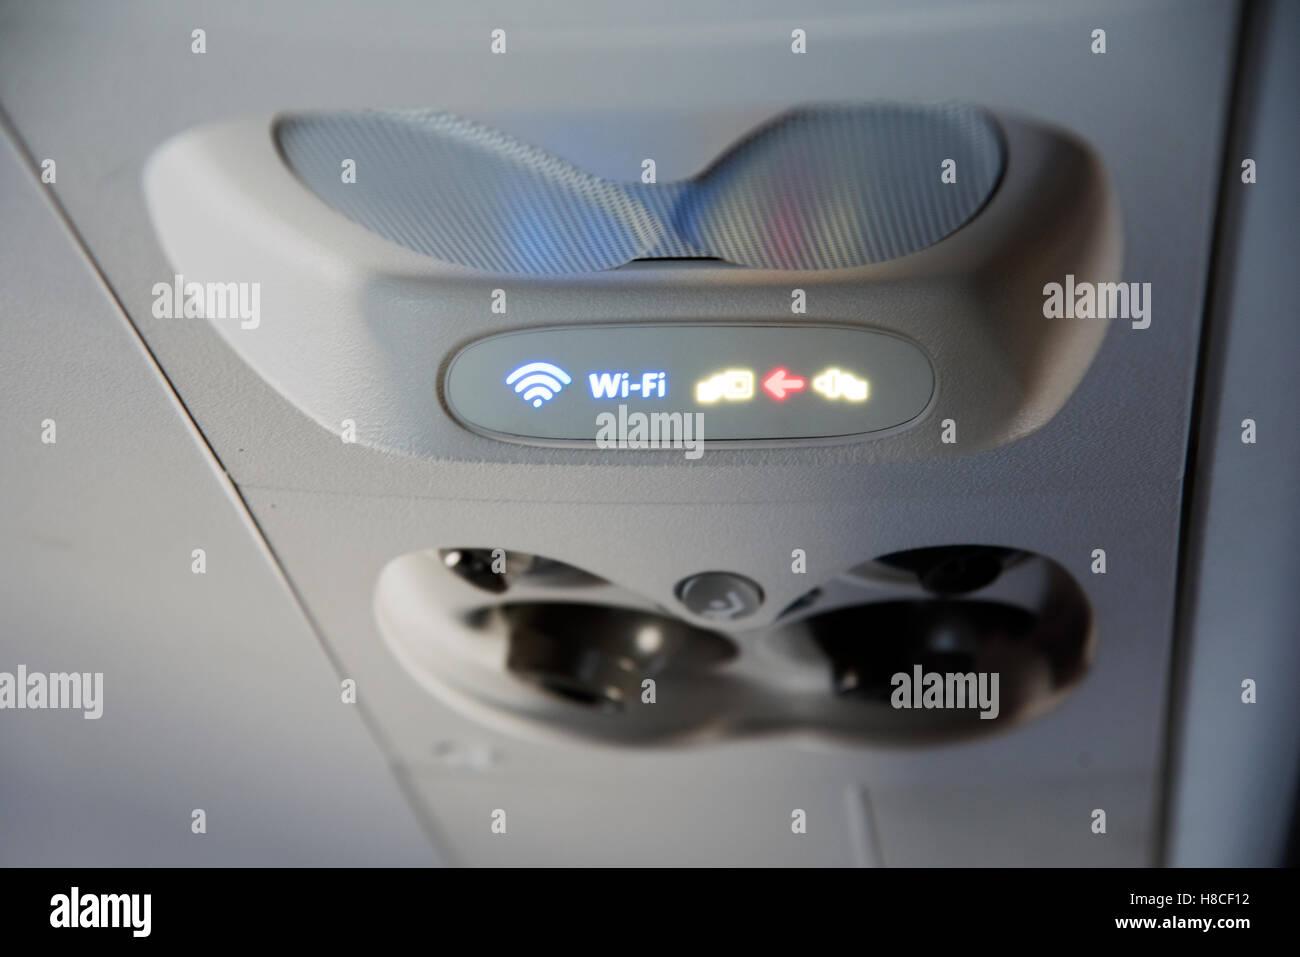 Une connexion Wi-Fi gratuite et des signes de la ceinture passager à bord d'un jet Photo Stock